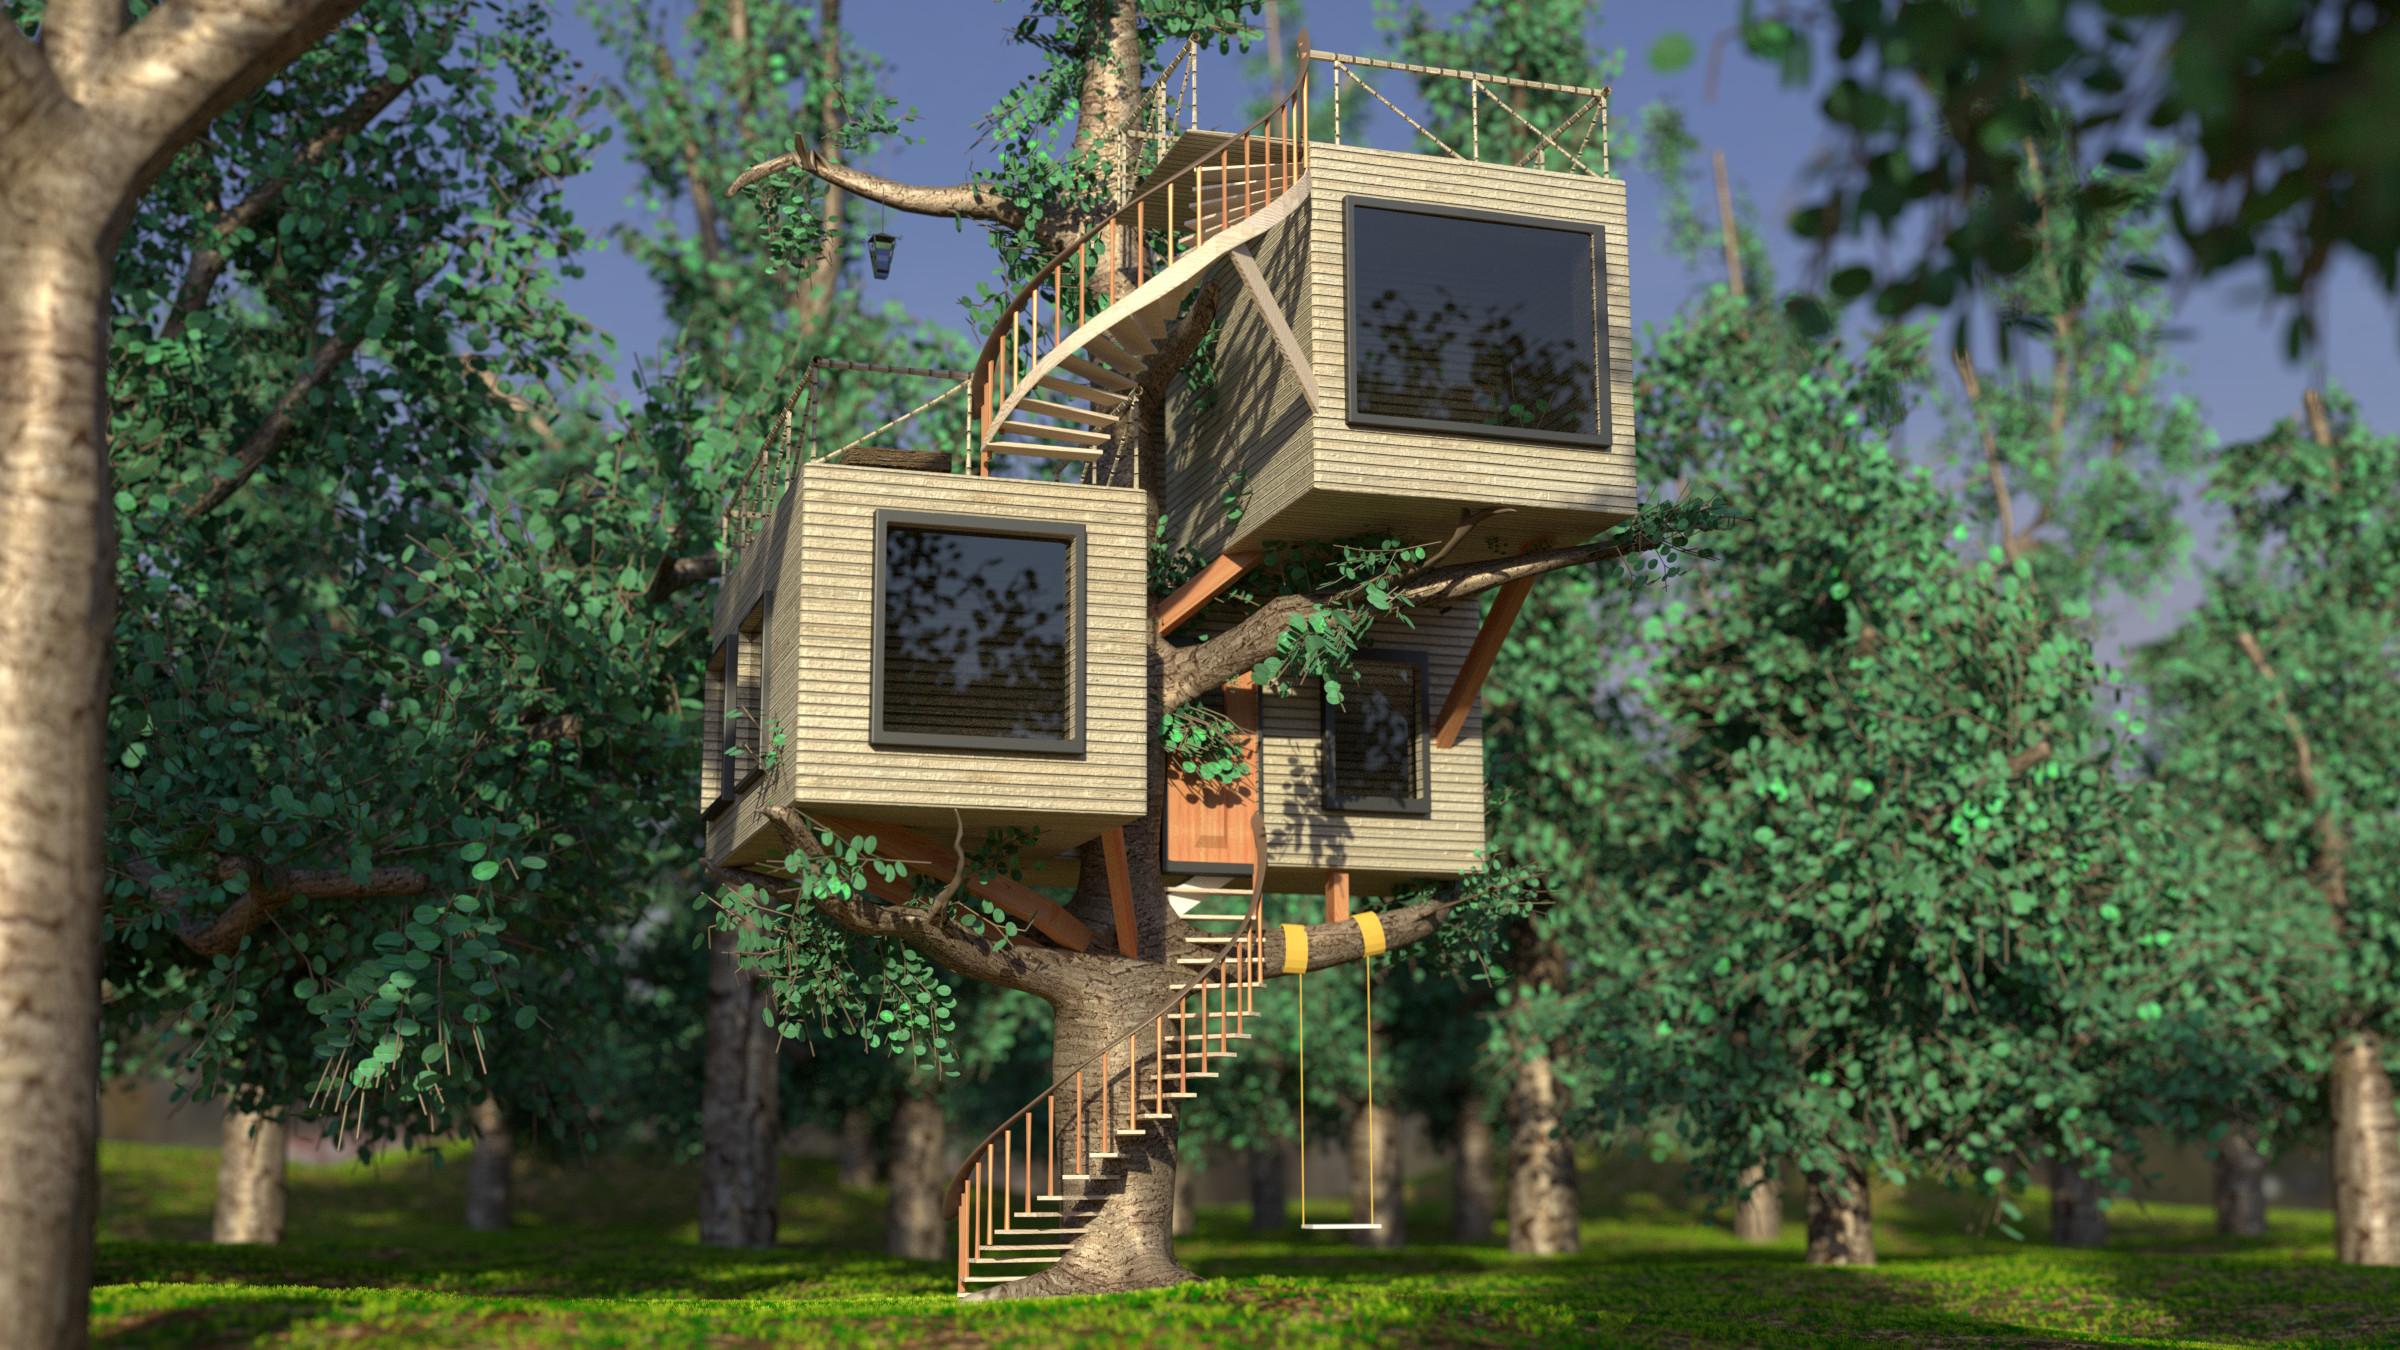 Casa sull 39 albero stile moderno final immagini cg vfx for Stile moderno casa